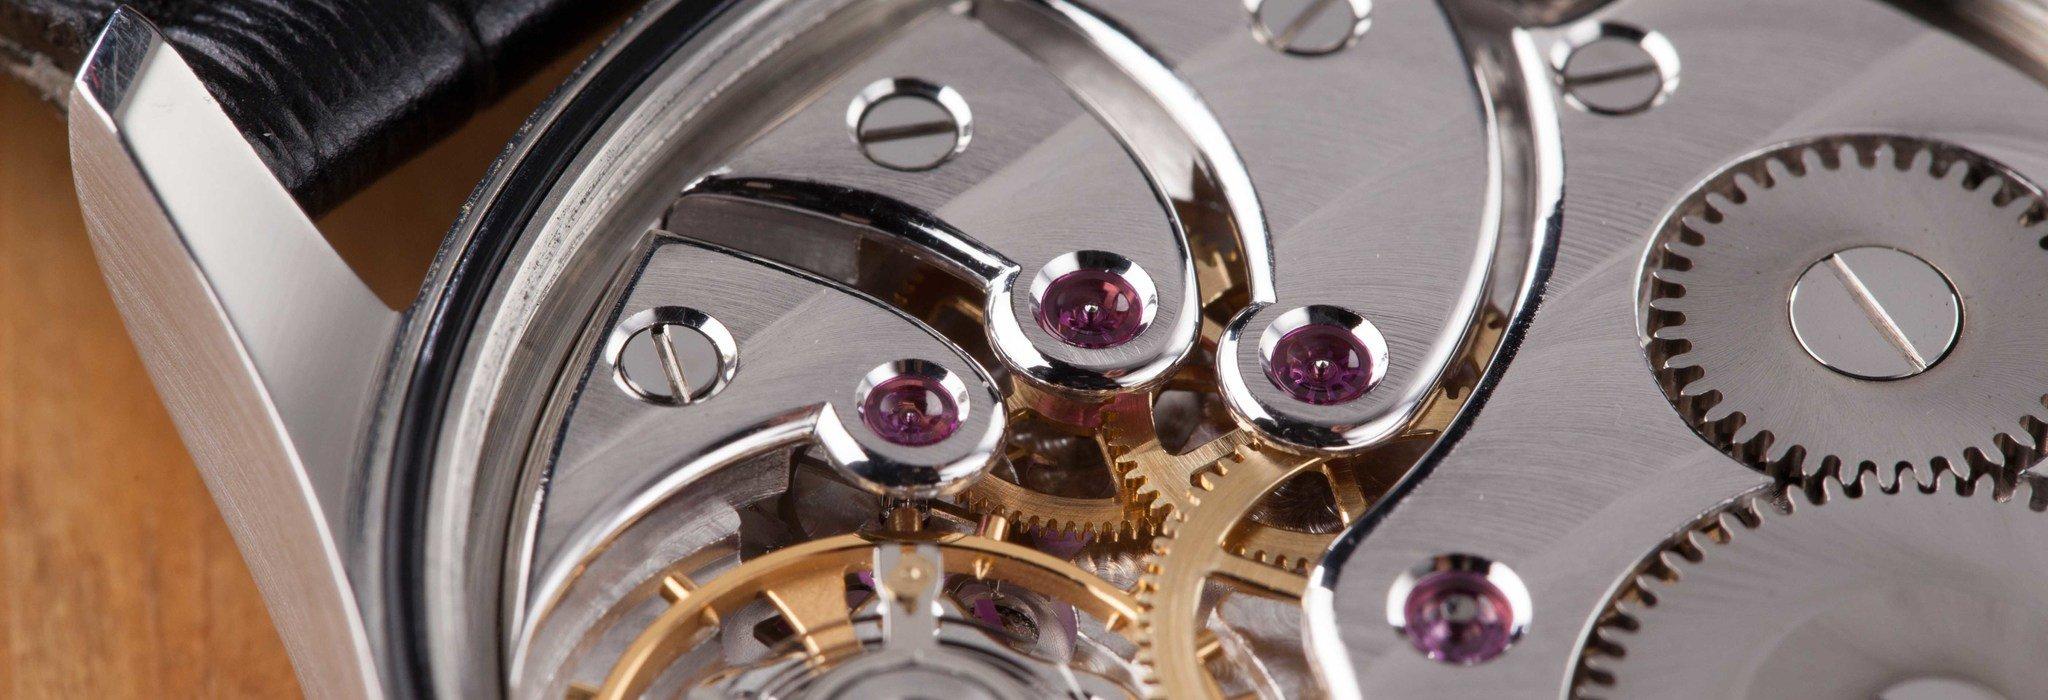 仕組みで選ぶ機械式時計。自動巻きと手巻きのメリット・デメリットとは?_image